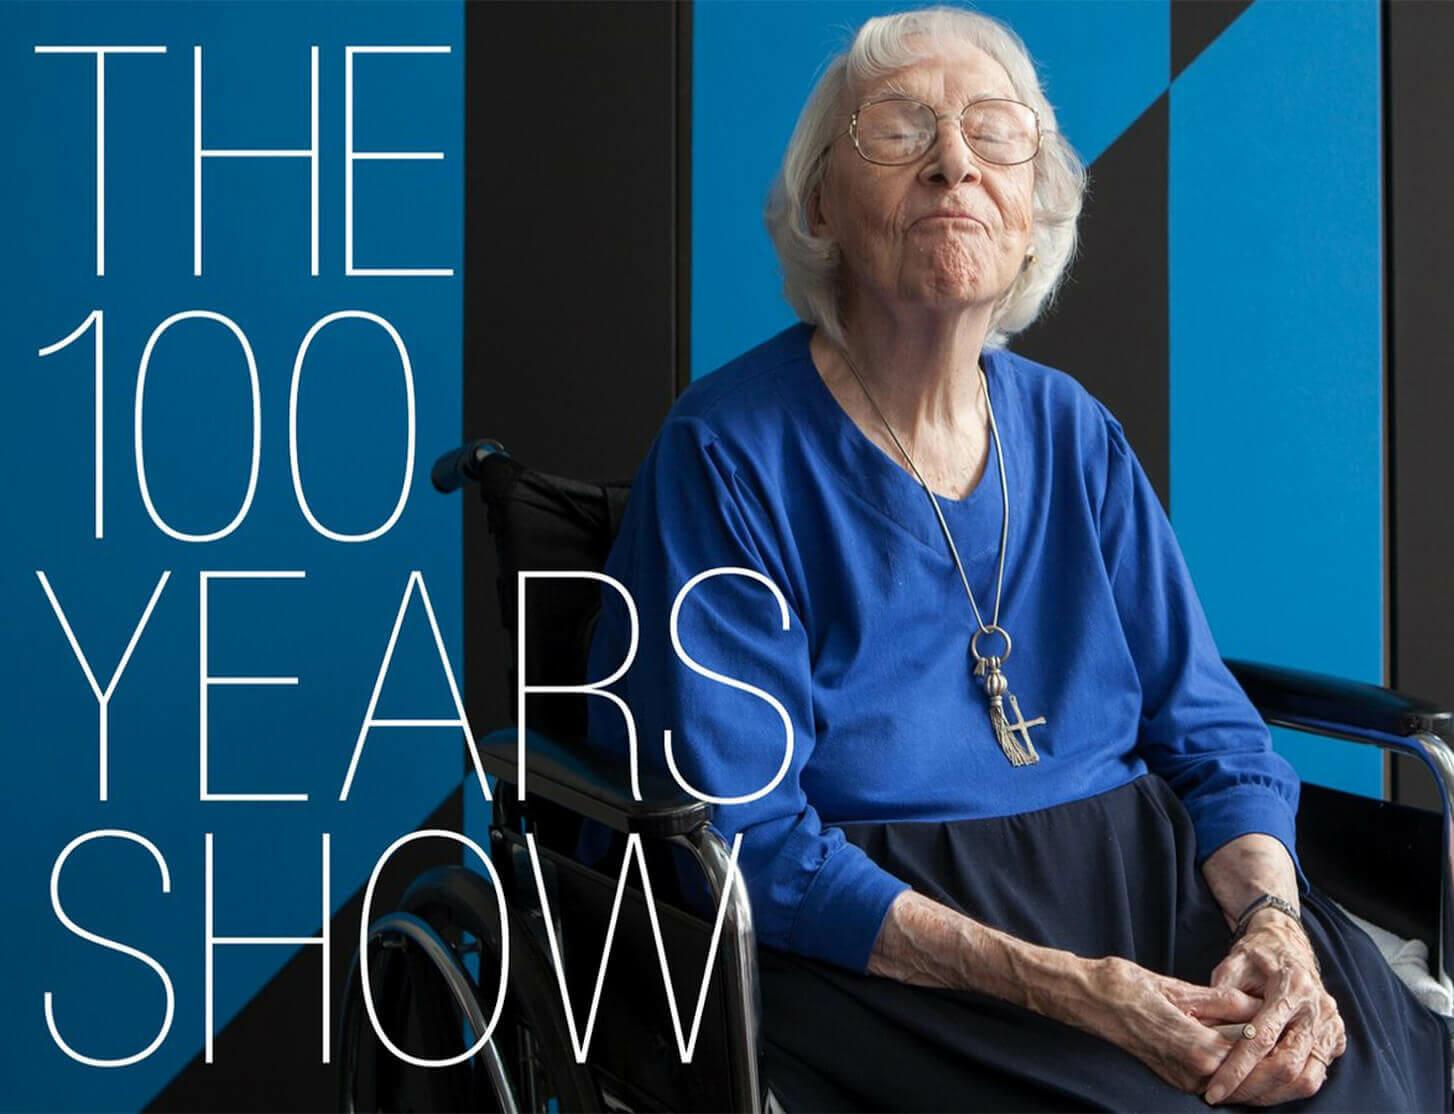 Spotlight Screening: Carmen Herrera 'The 100 Years Show'